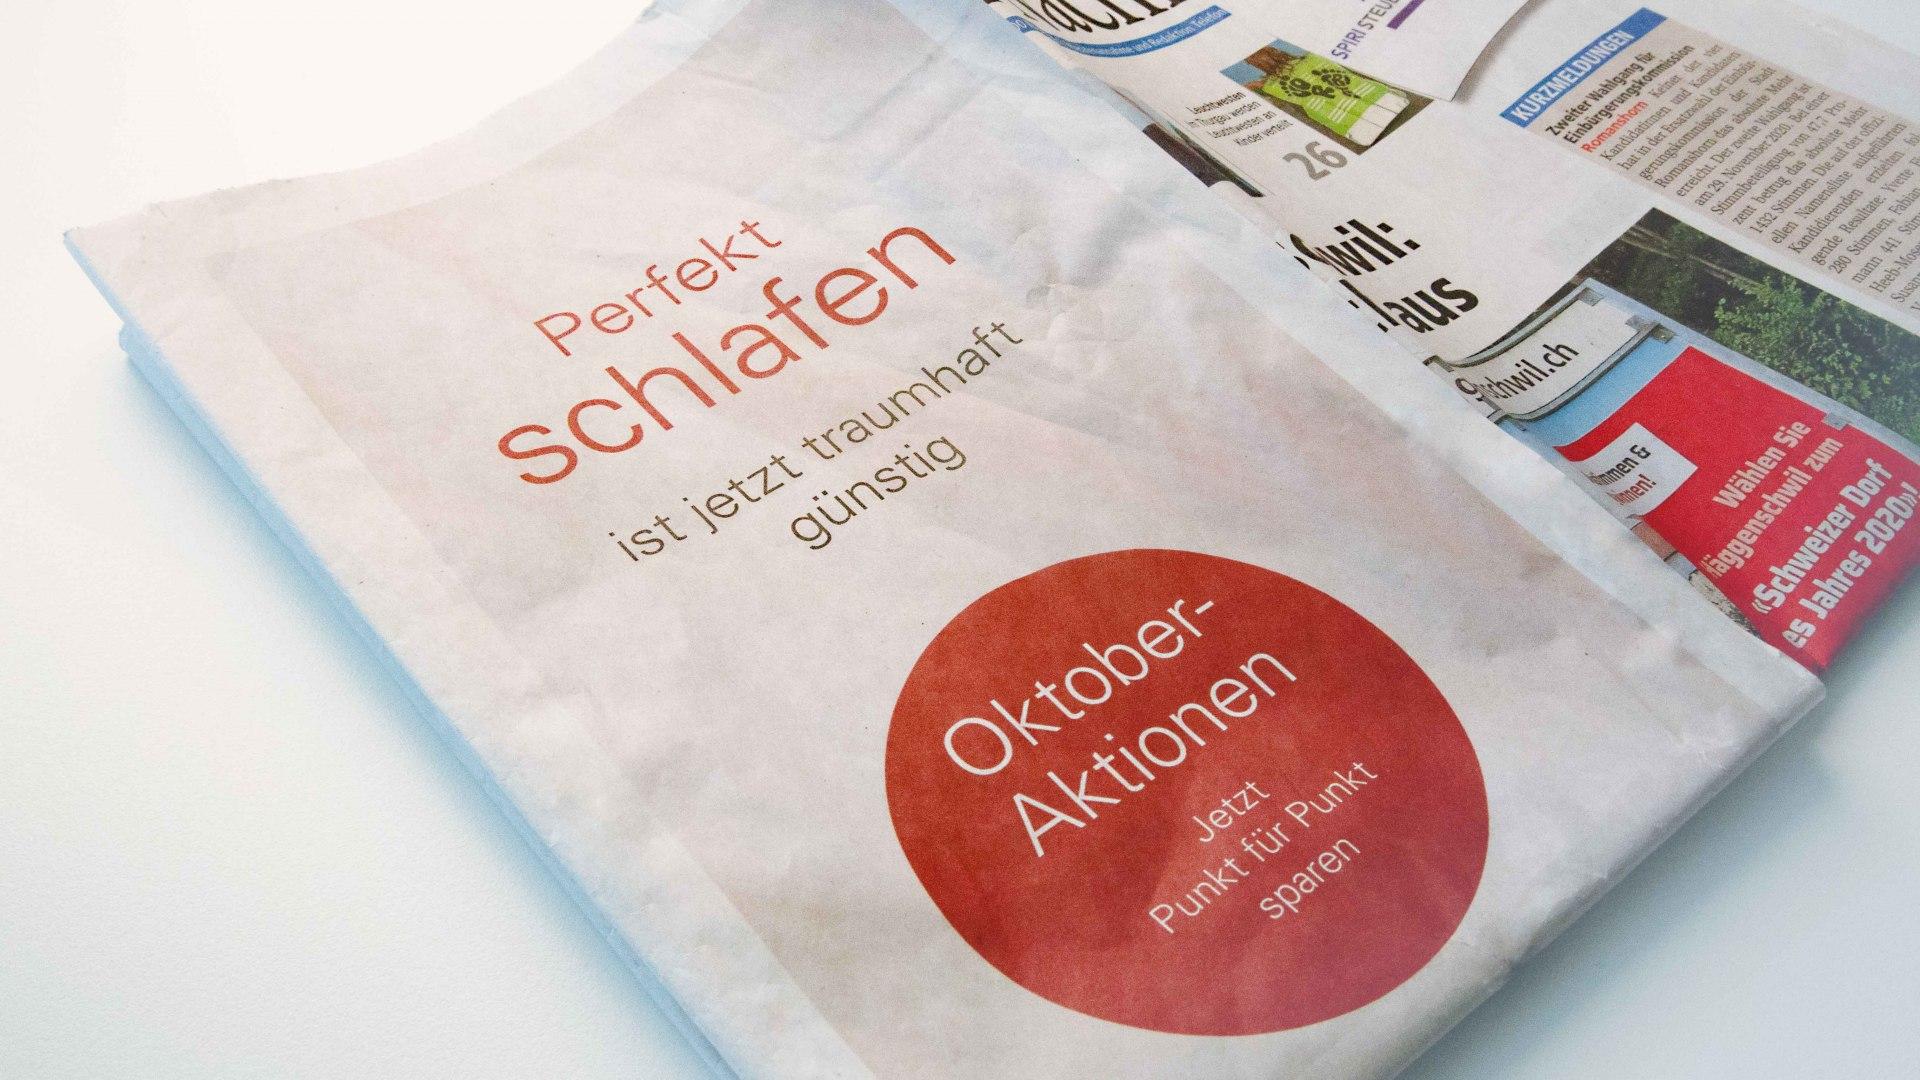 Thönig Bettenhaus: Half-Cover Zeitungsartikel